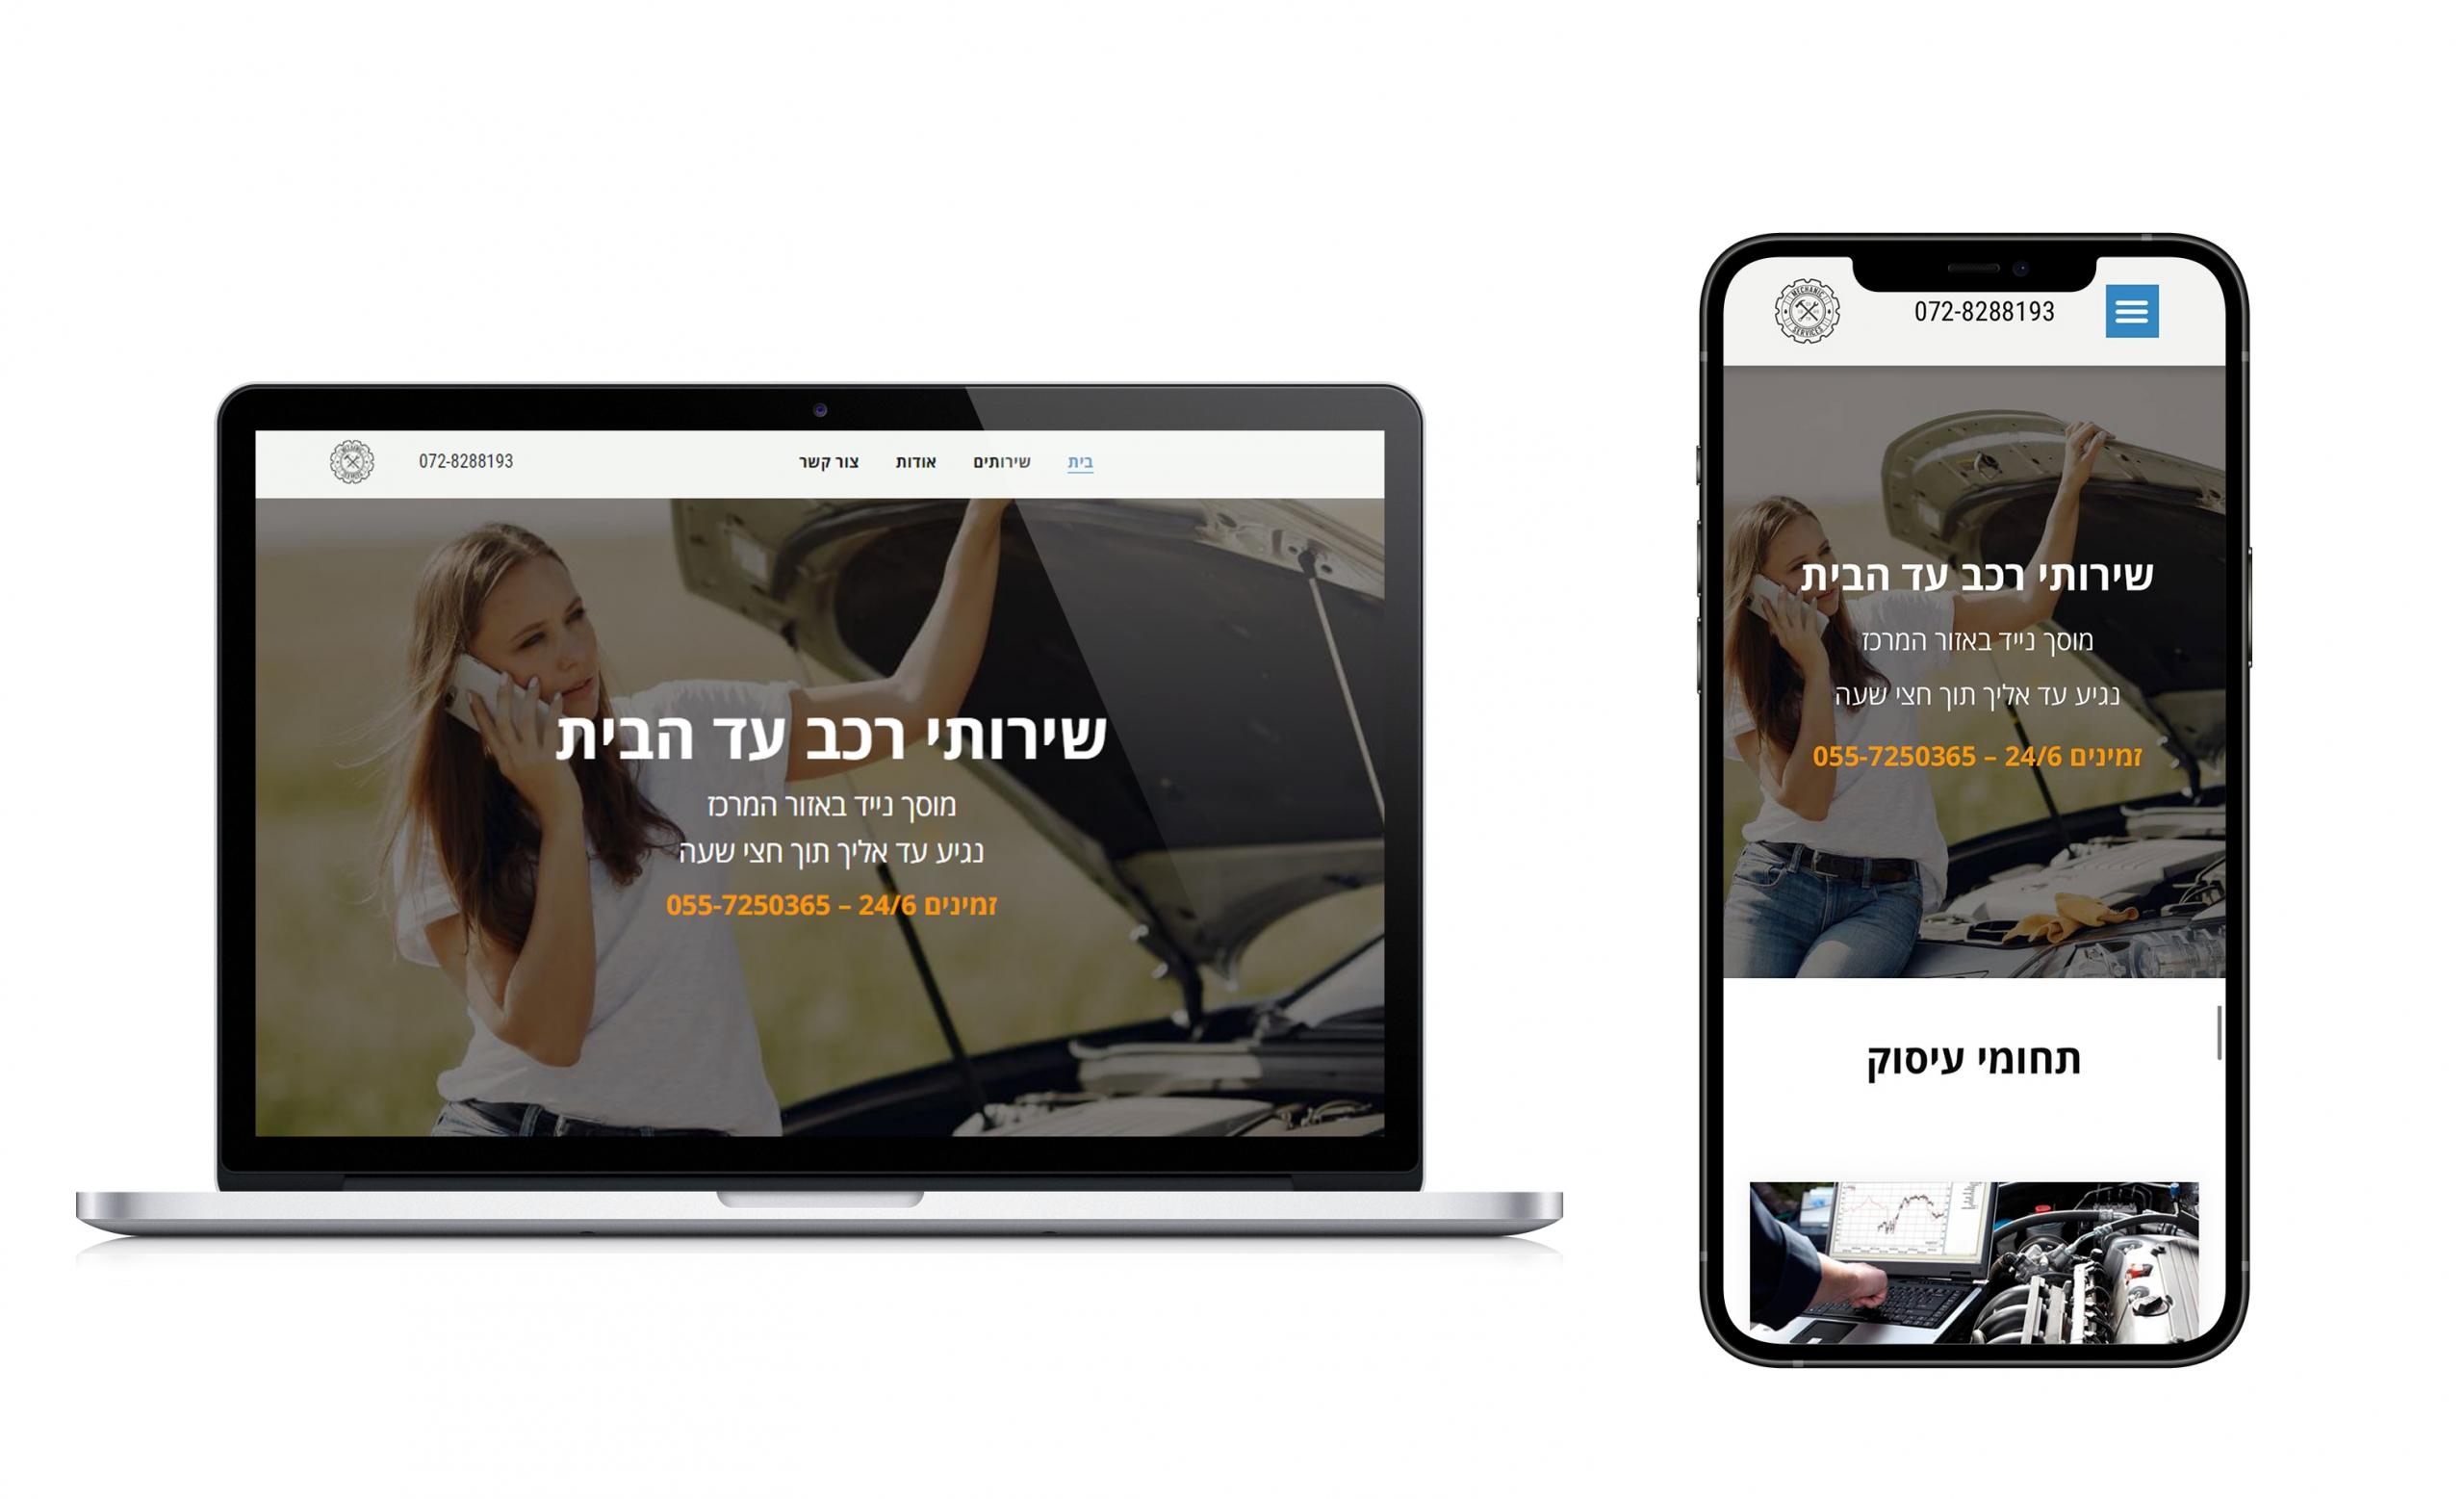 garage.isra-host.com